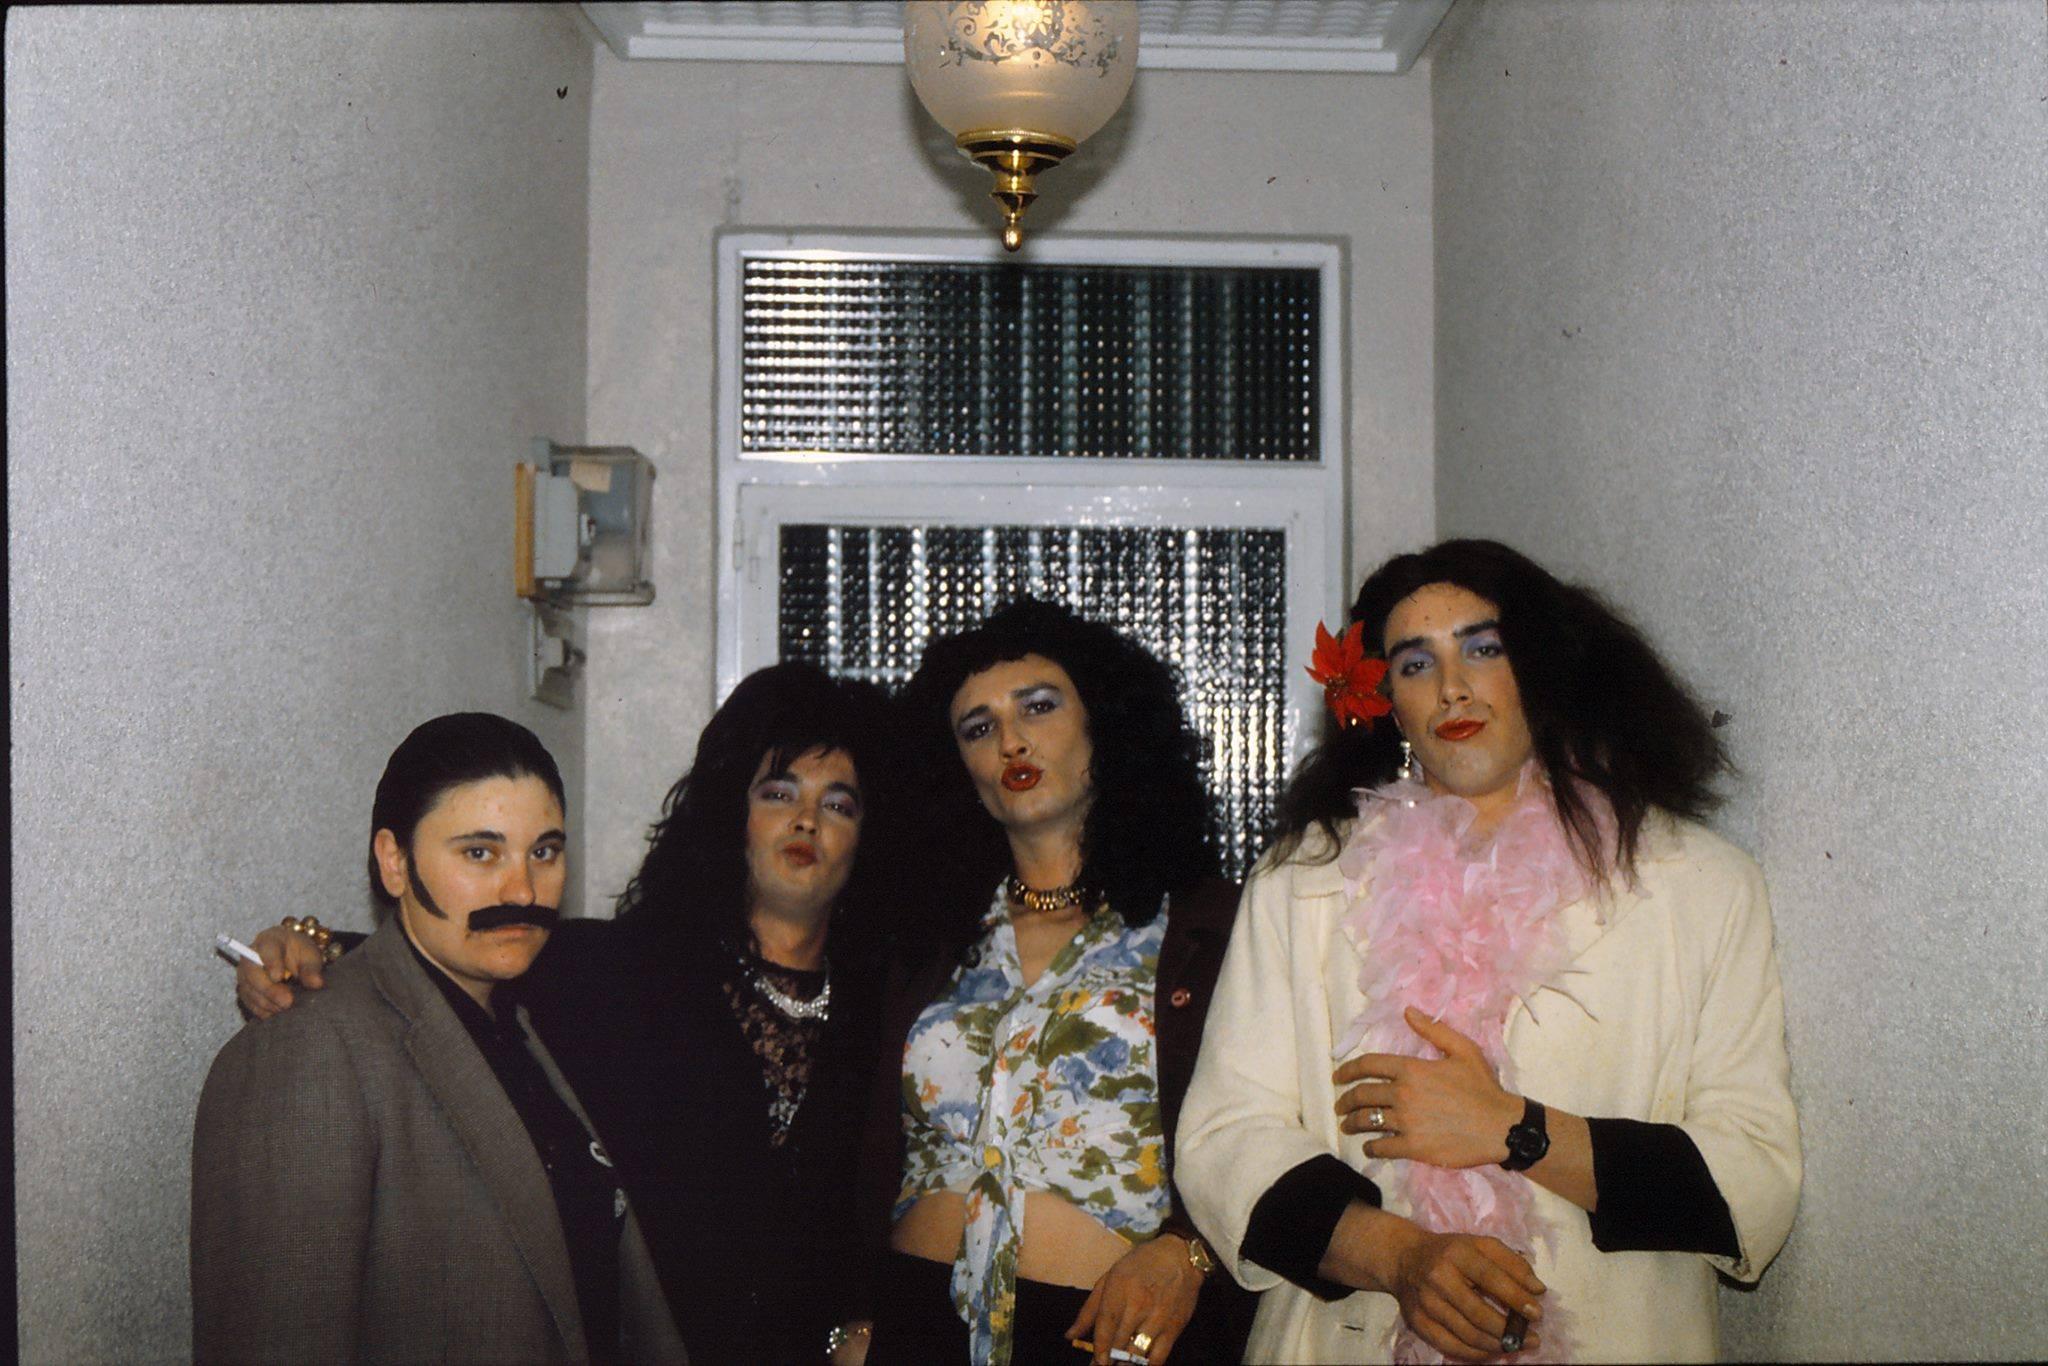 1992 carnaval chefi varguillas miguel angel luis carlos - Seguimos con la historia del Carnaval de Herencia a través de imágenes